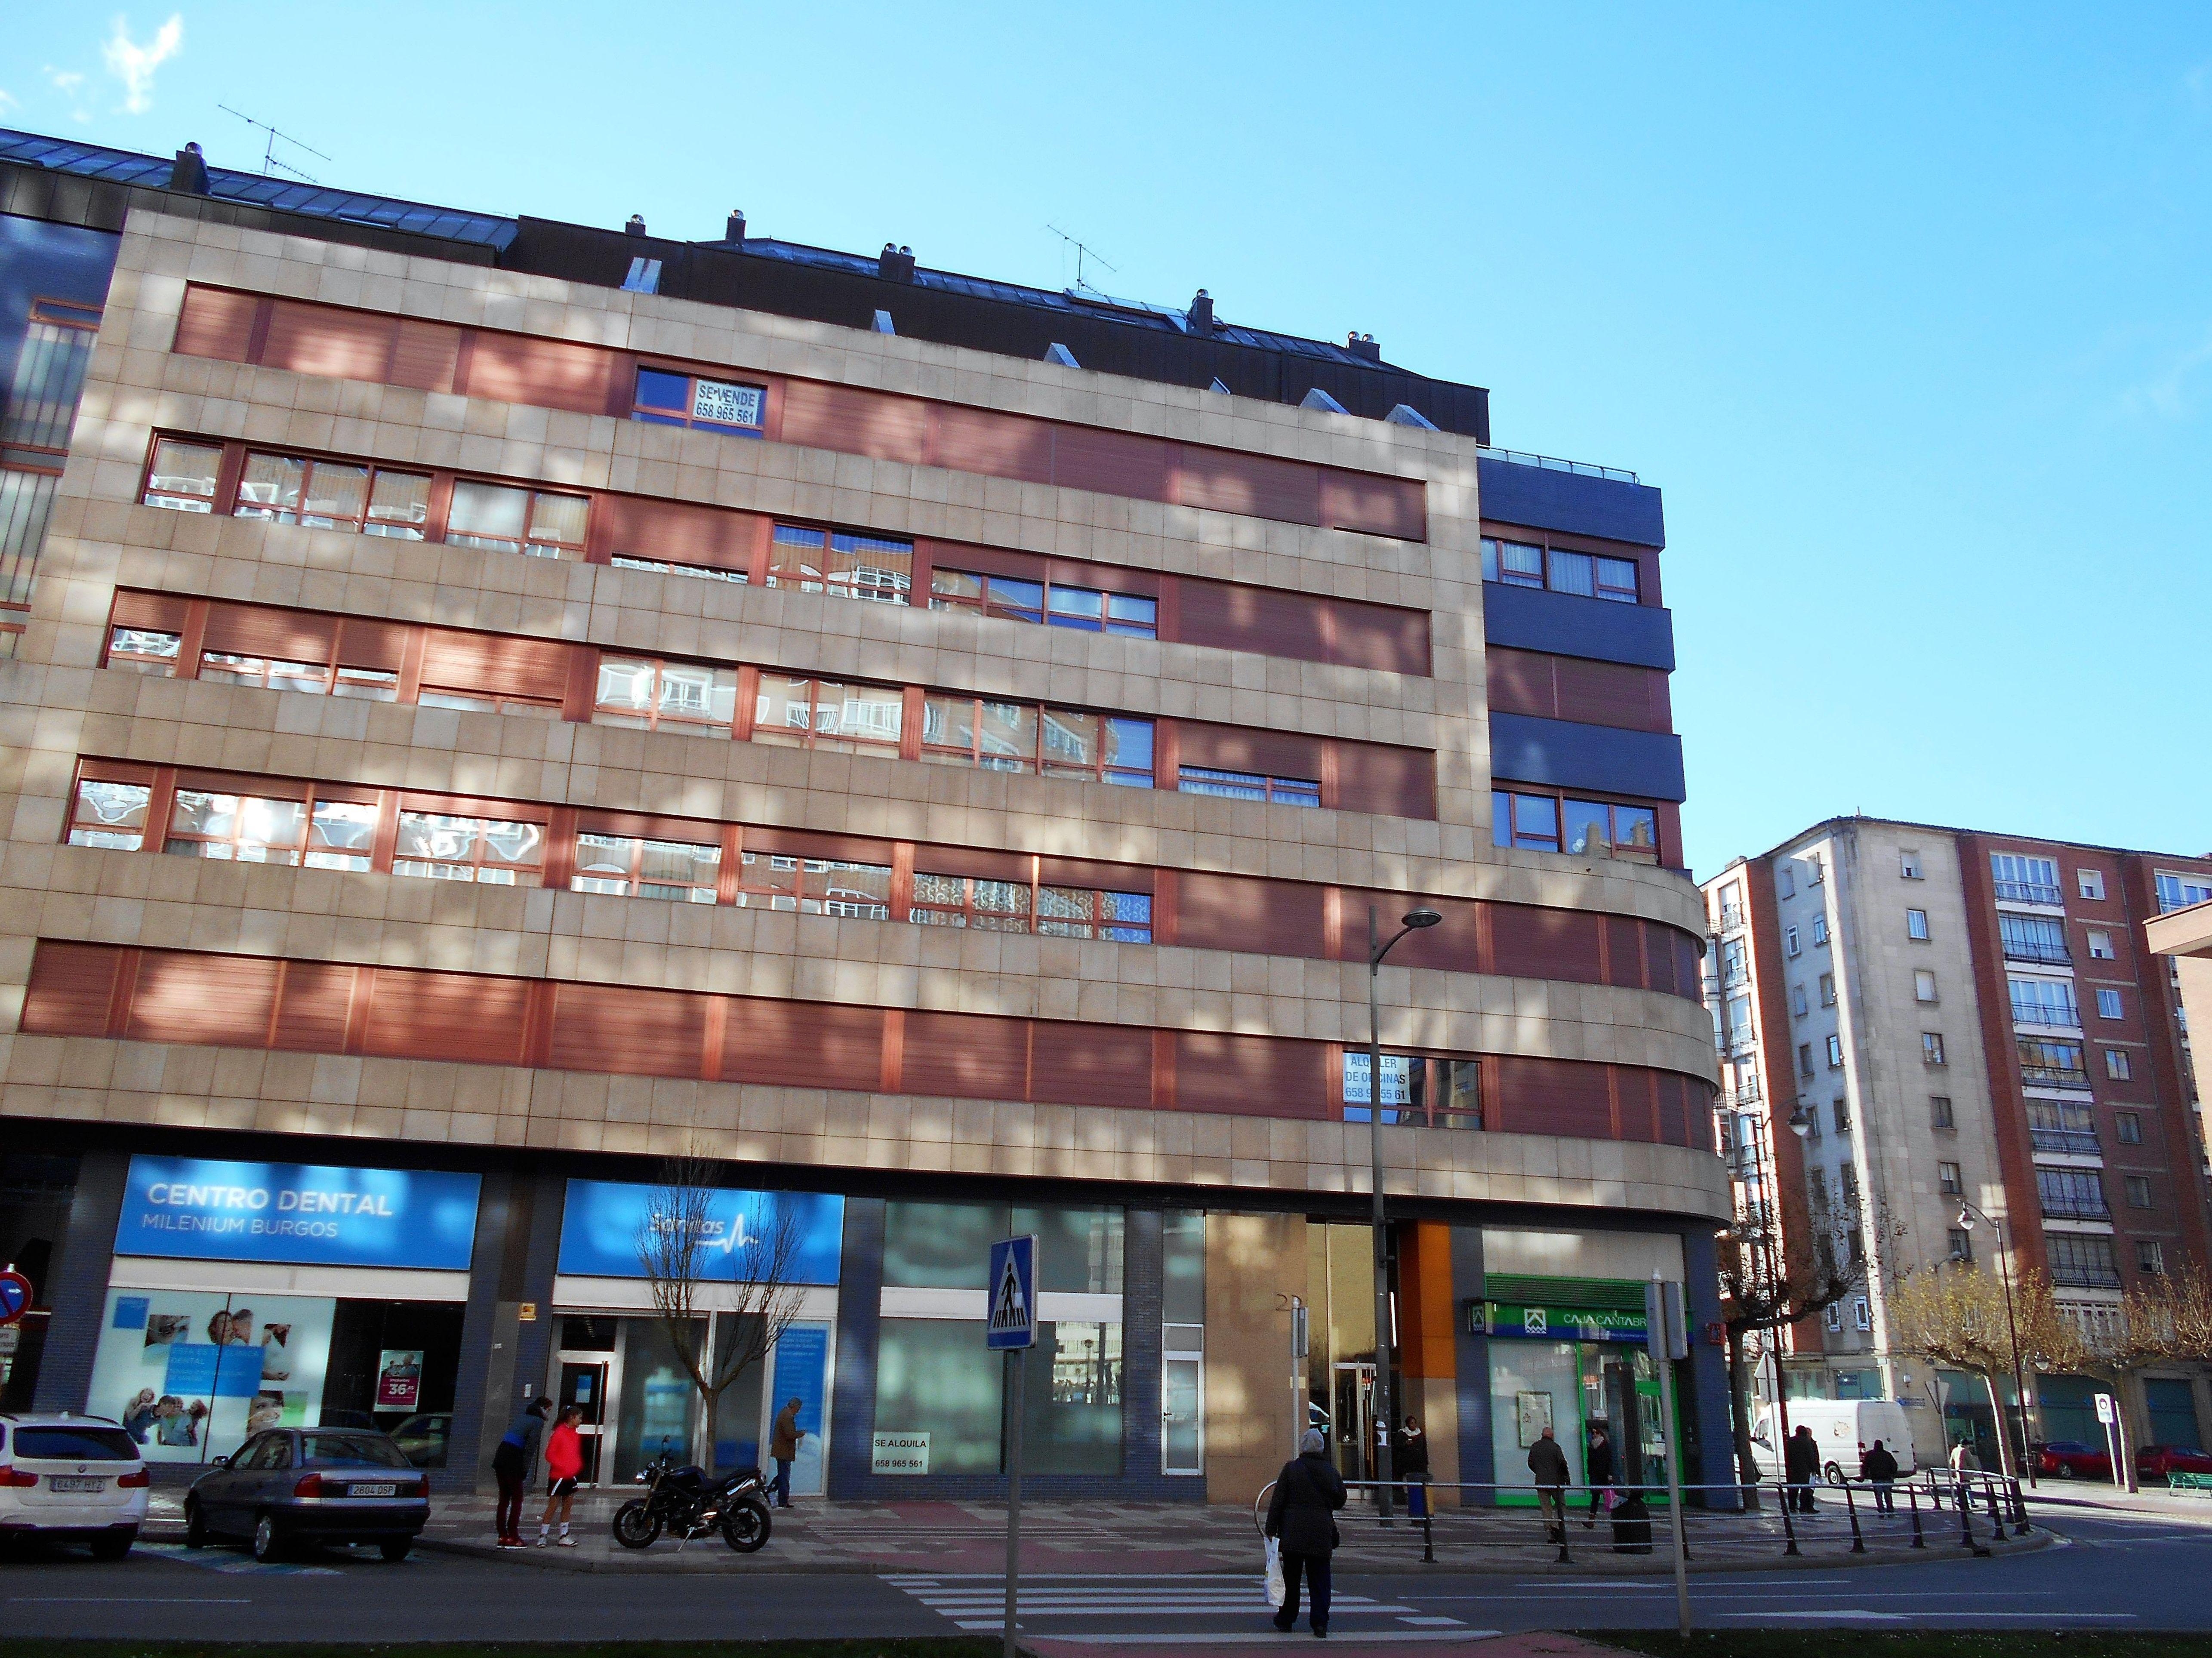 Piso Avda.La Paz: Venta y alquiler de inmuebles de Inmobiliaria Renedo